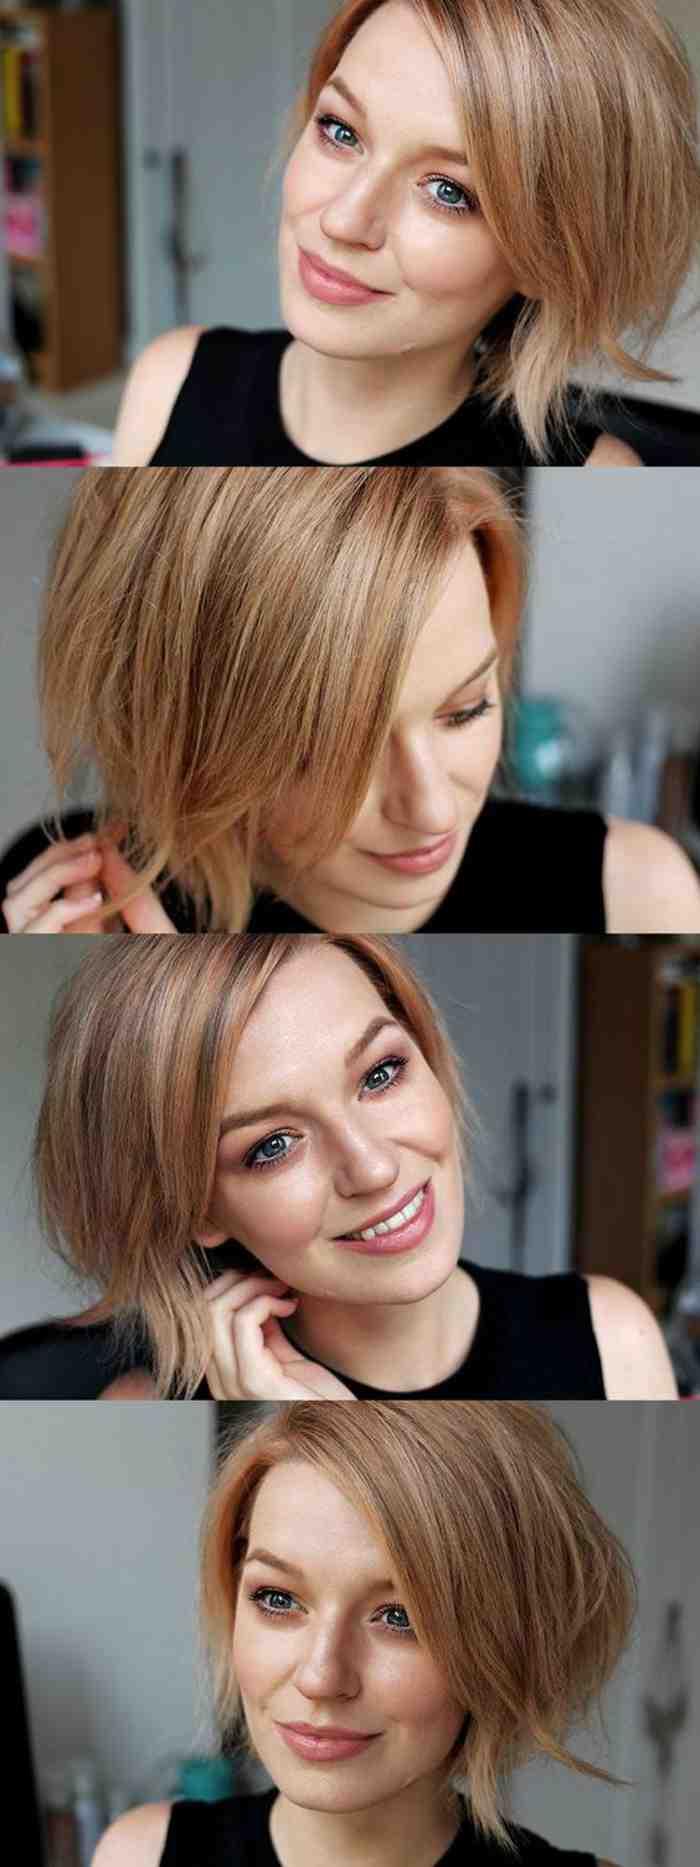 coupe-au-carre-court-comment-porter-la-coiffure-courte